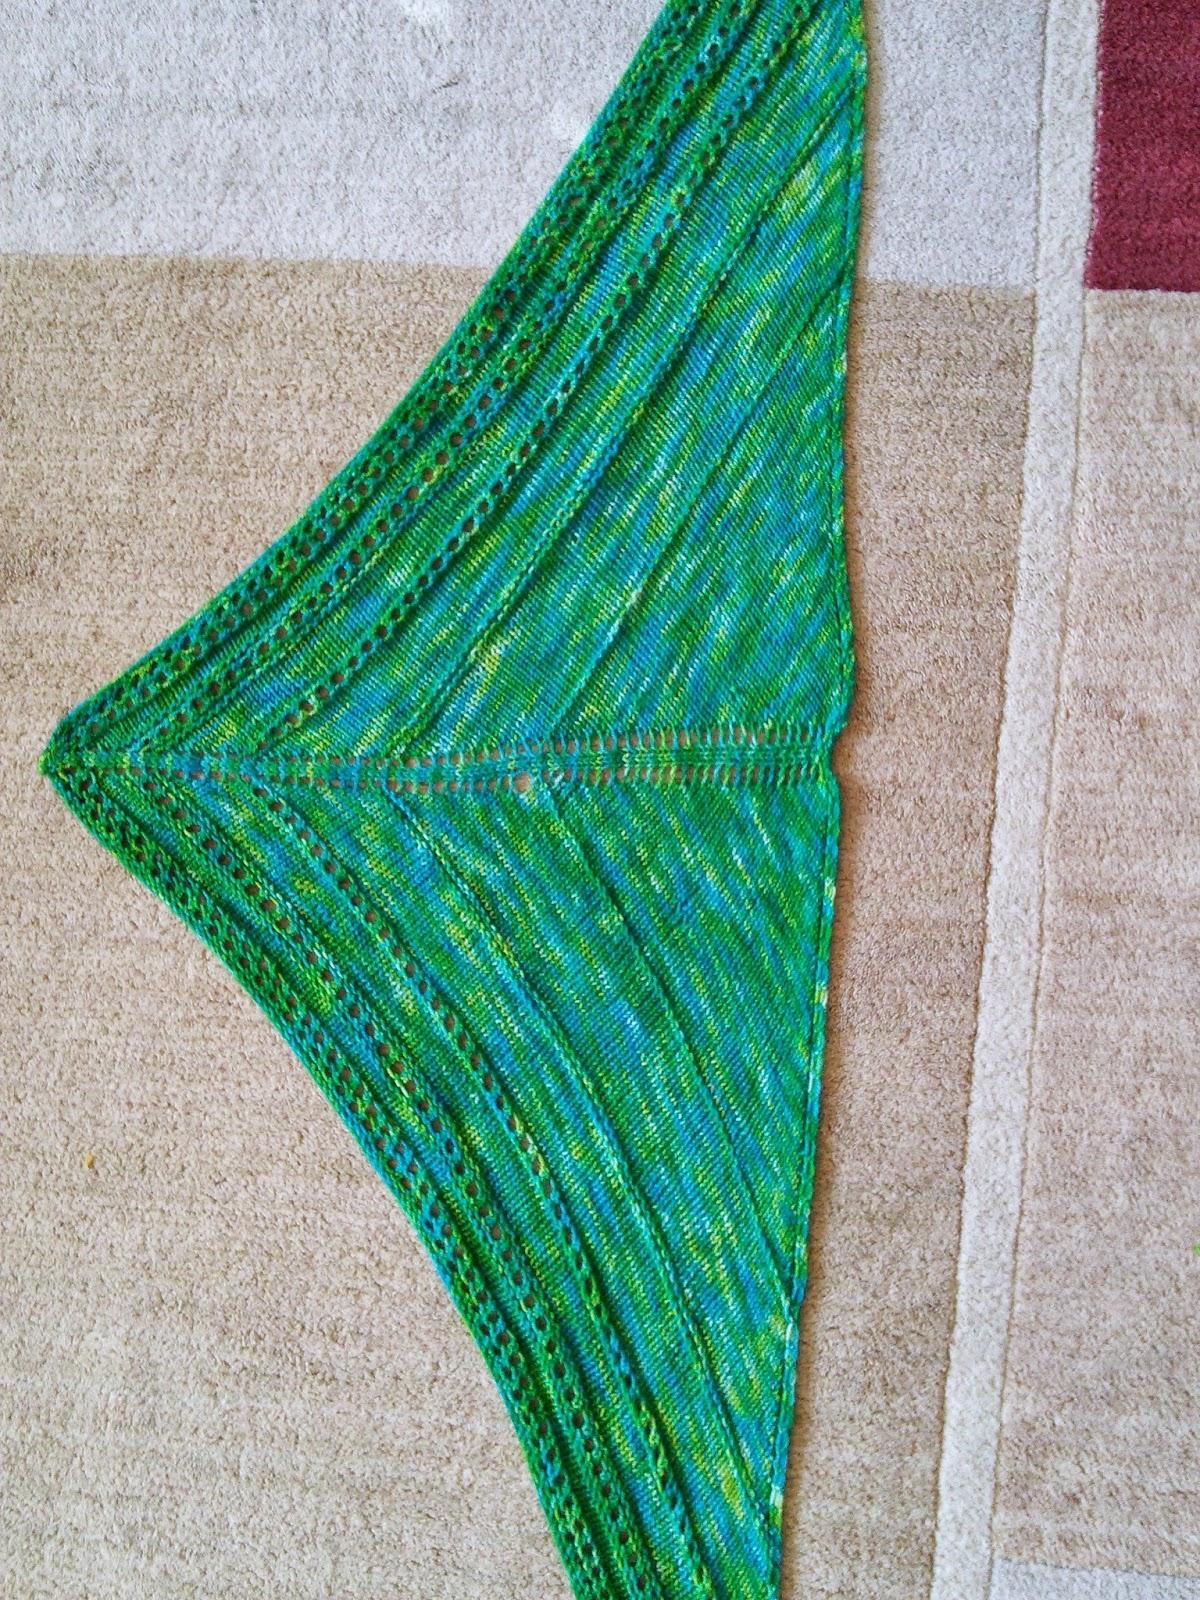 Knitting Patterns Galore - Torla Shawl